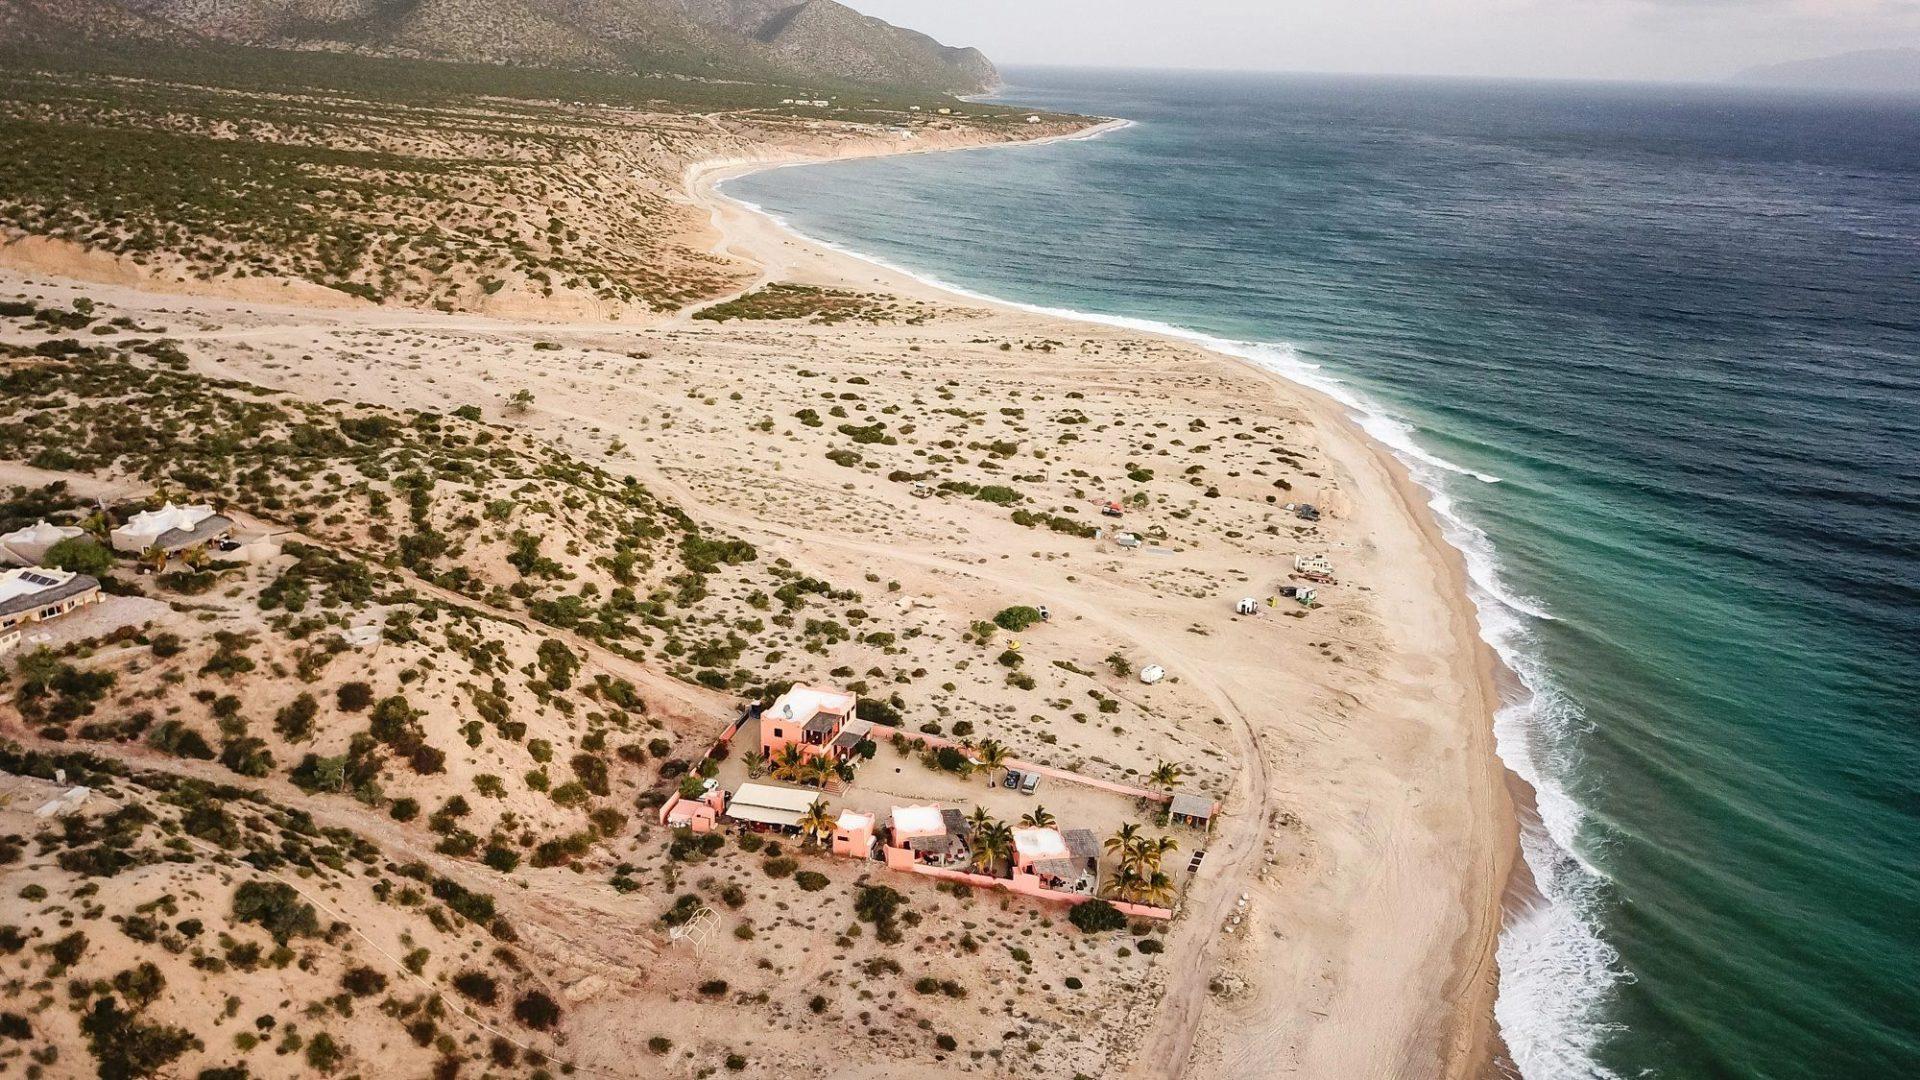 accommodation for the Dive Ninja Mobula ray expeditions